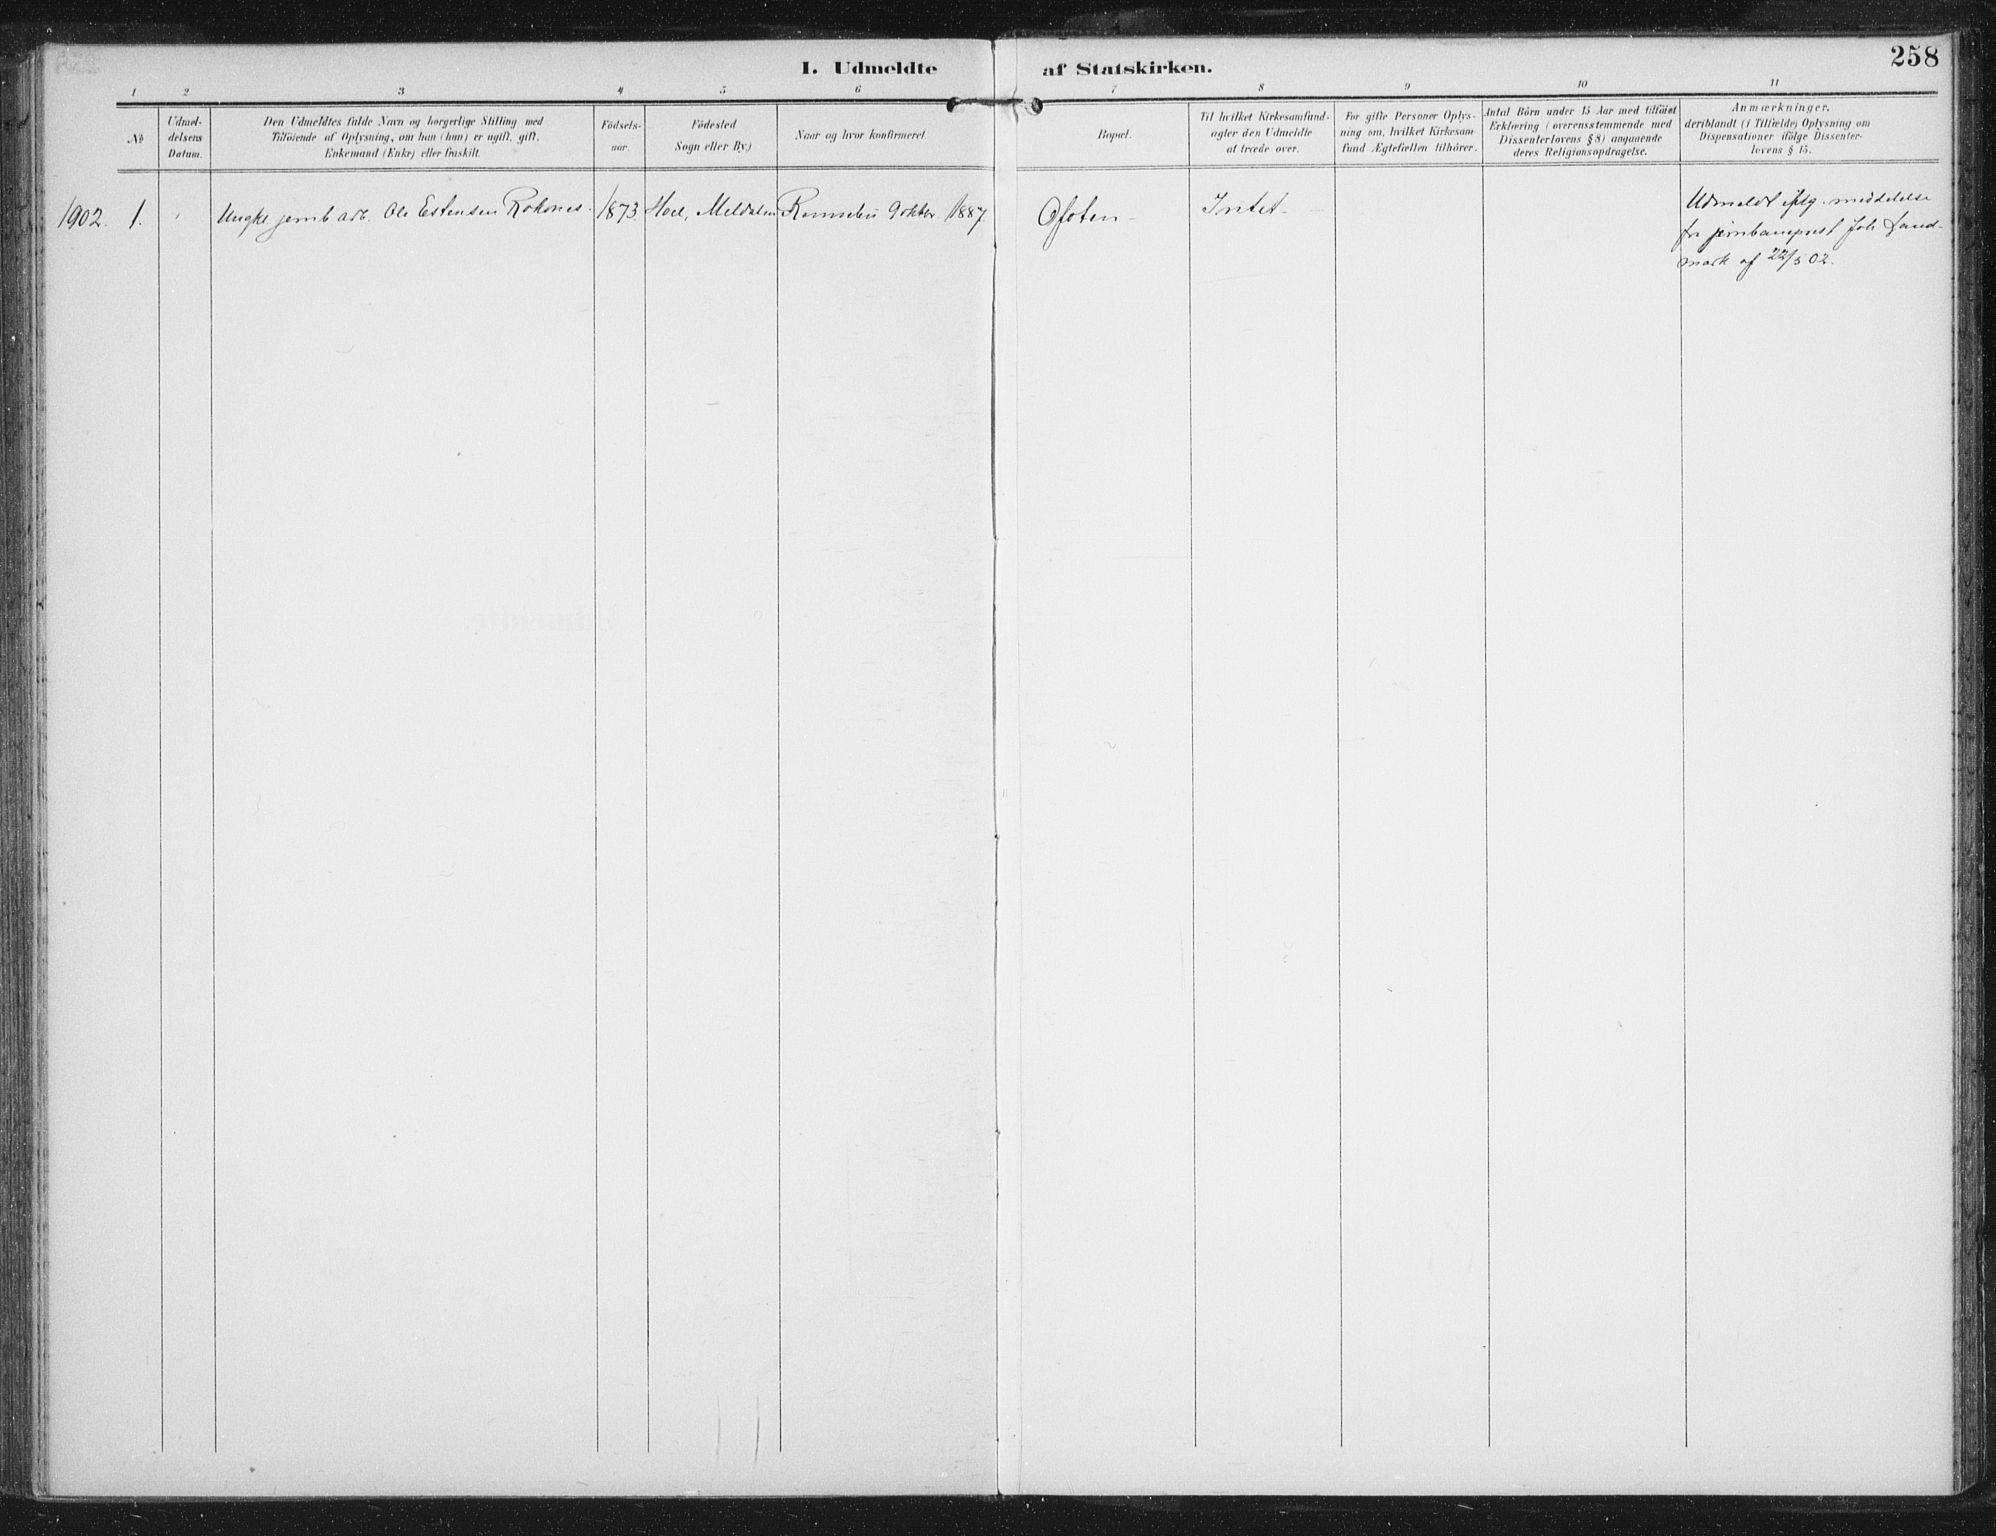 SAT, Ministerialprotokoller, klokkerbøker og fødselsregistre - Sør-Trøndelag, 674/L0872: Ministerialbok nr. 674A04, 1897-1907, s. 258